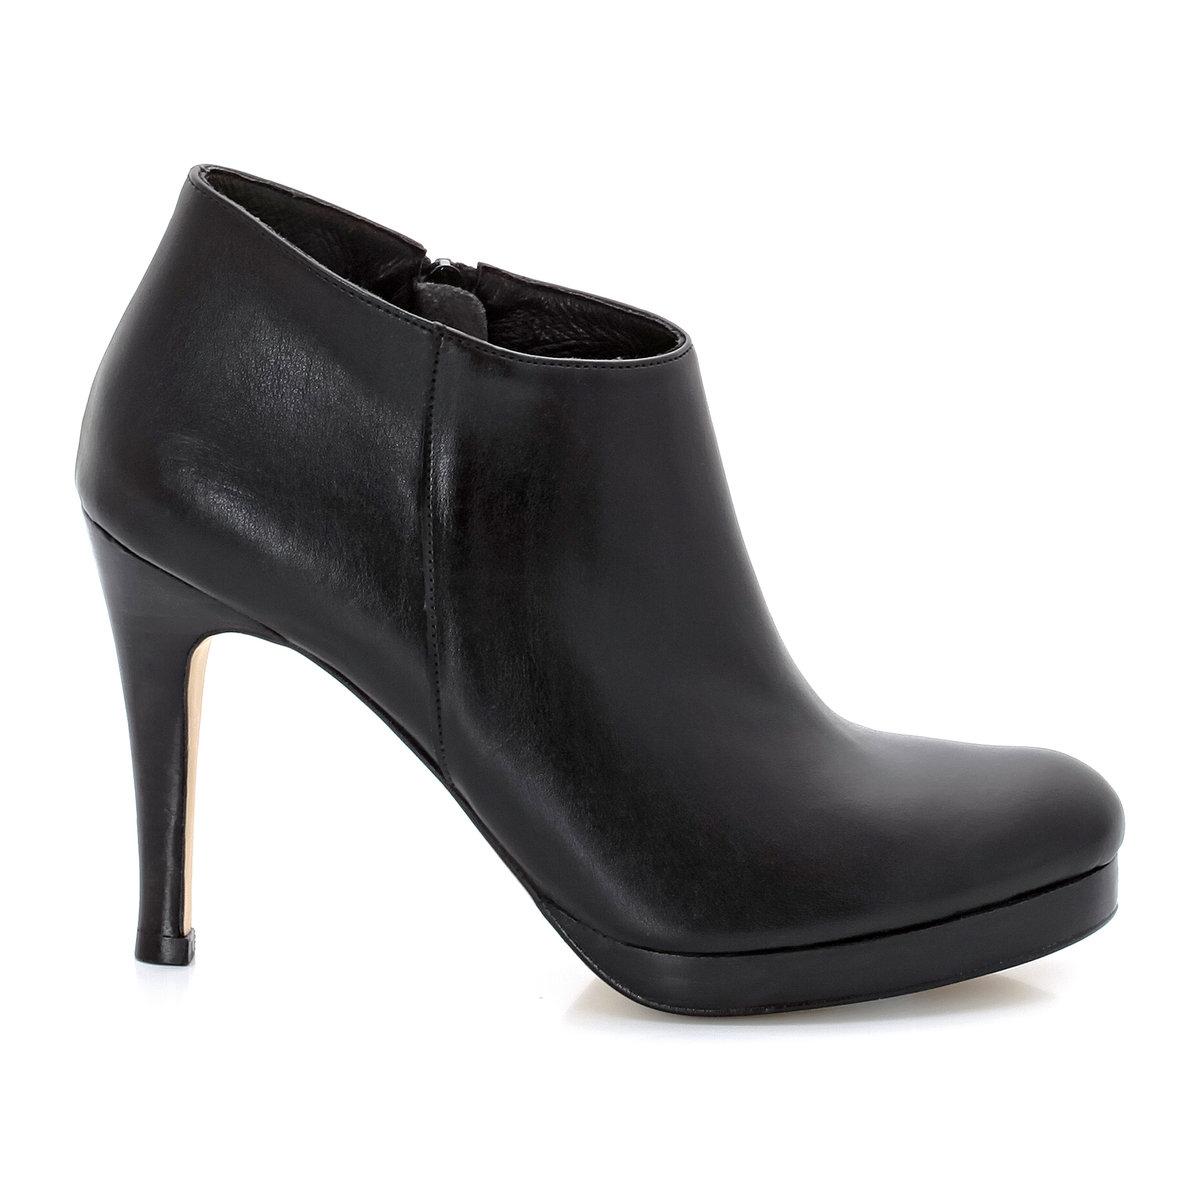 Ботинки низкие на высоких каблуках, с застежками на молнию